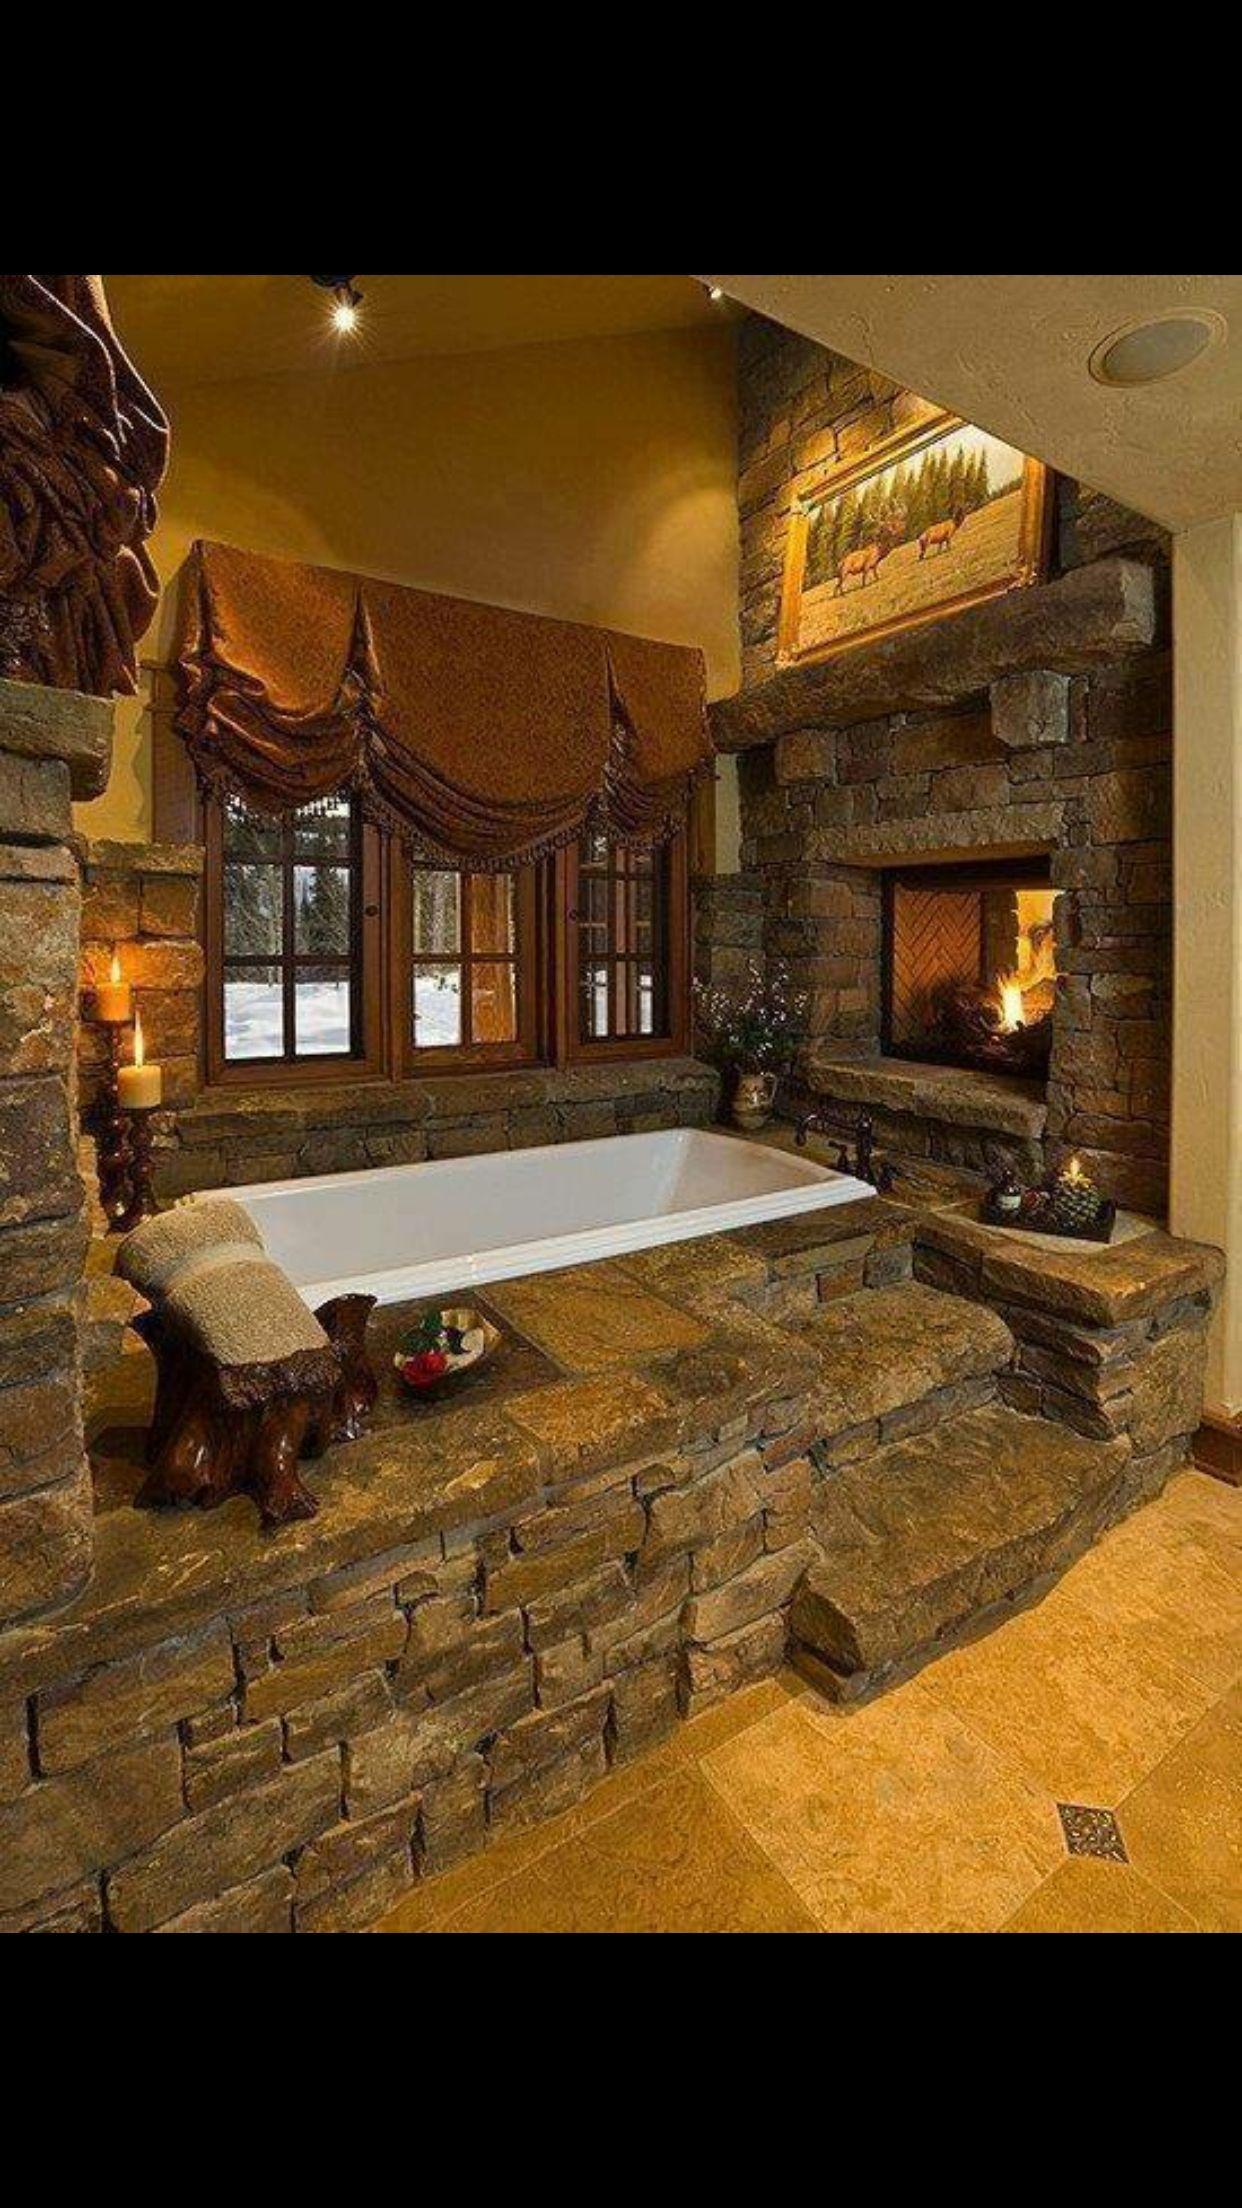 Badezimmer ideen whirlpool love this tub and fireplace  badezimmer ideen  pinterest